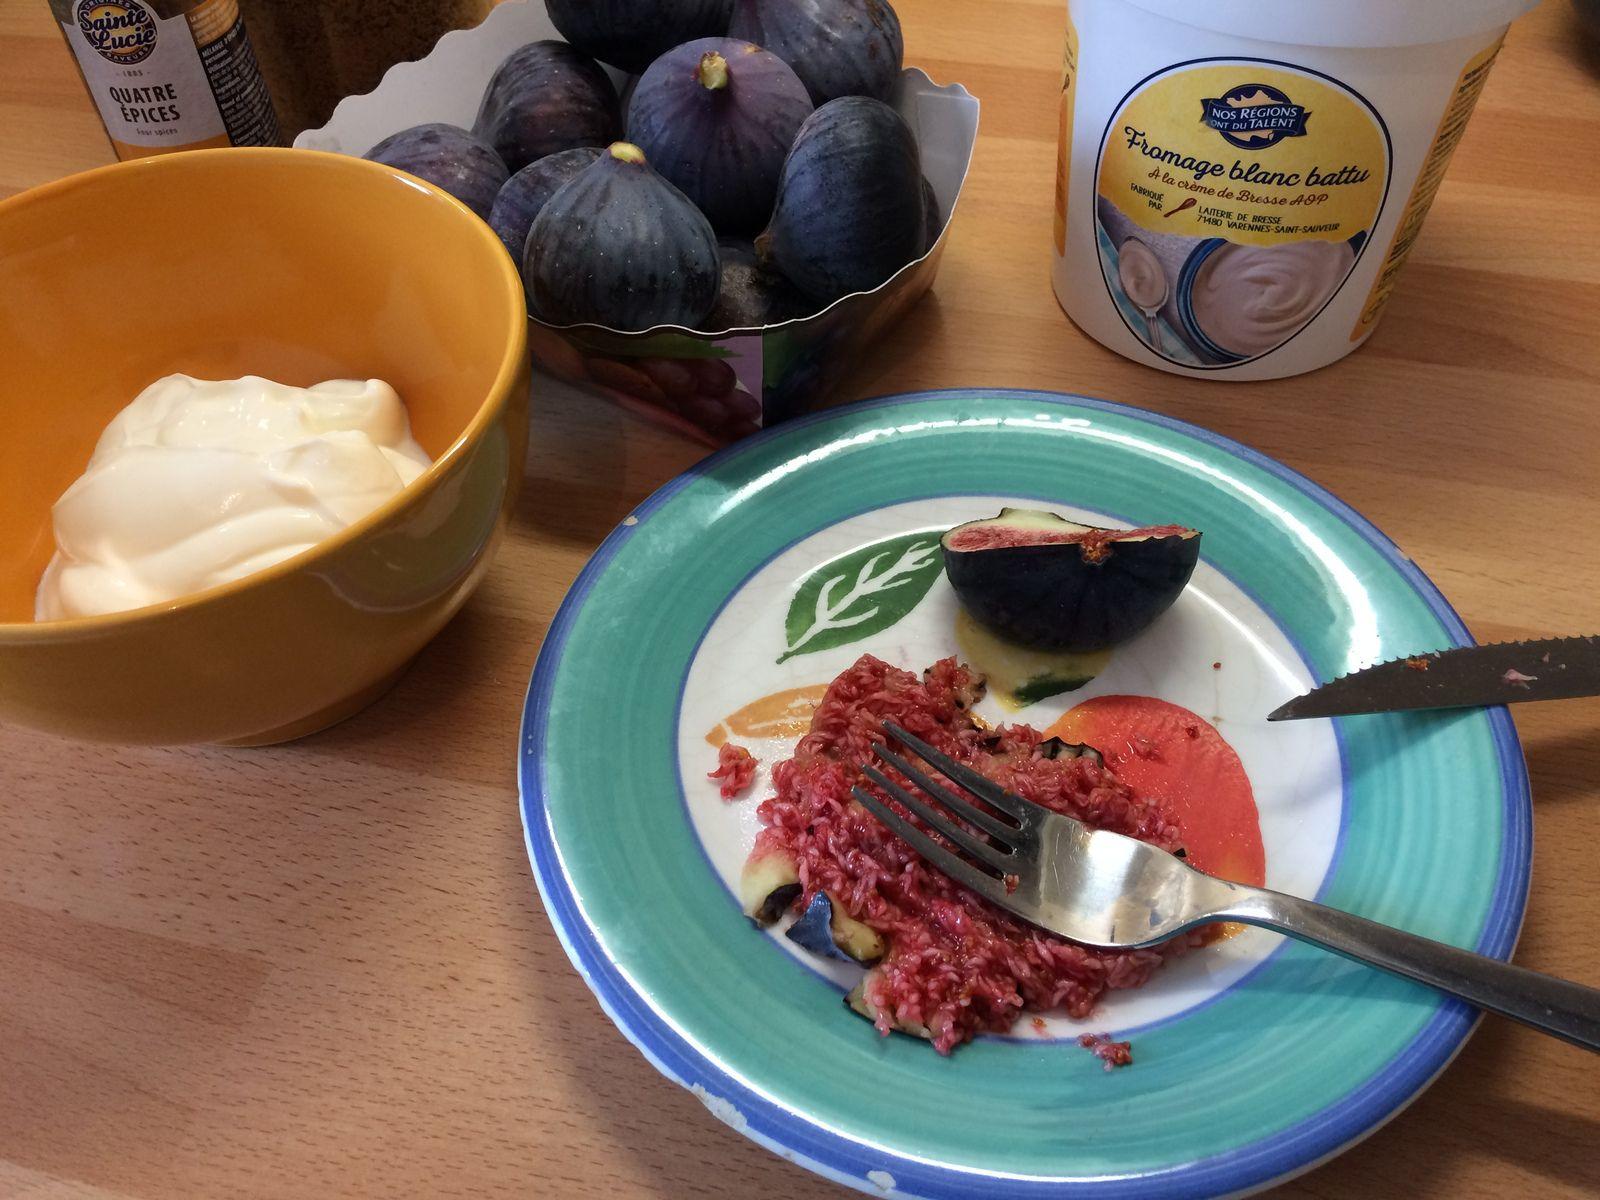 L'idée est d'écraser une figue environ à la fourchette (choisir la plus mûre et la couper d'abord en petit morceaux pour la peau) pour la mélanger au fromage blanc, tandis qu'on ajoutera une ou deux autres figues en morceaux au mélange.